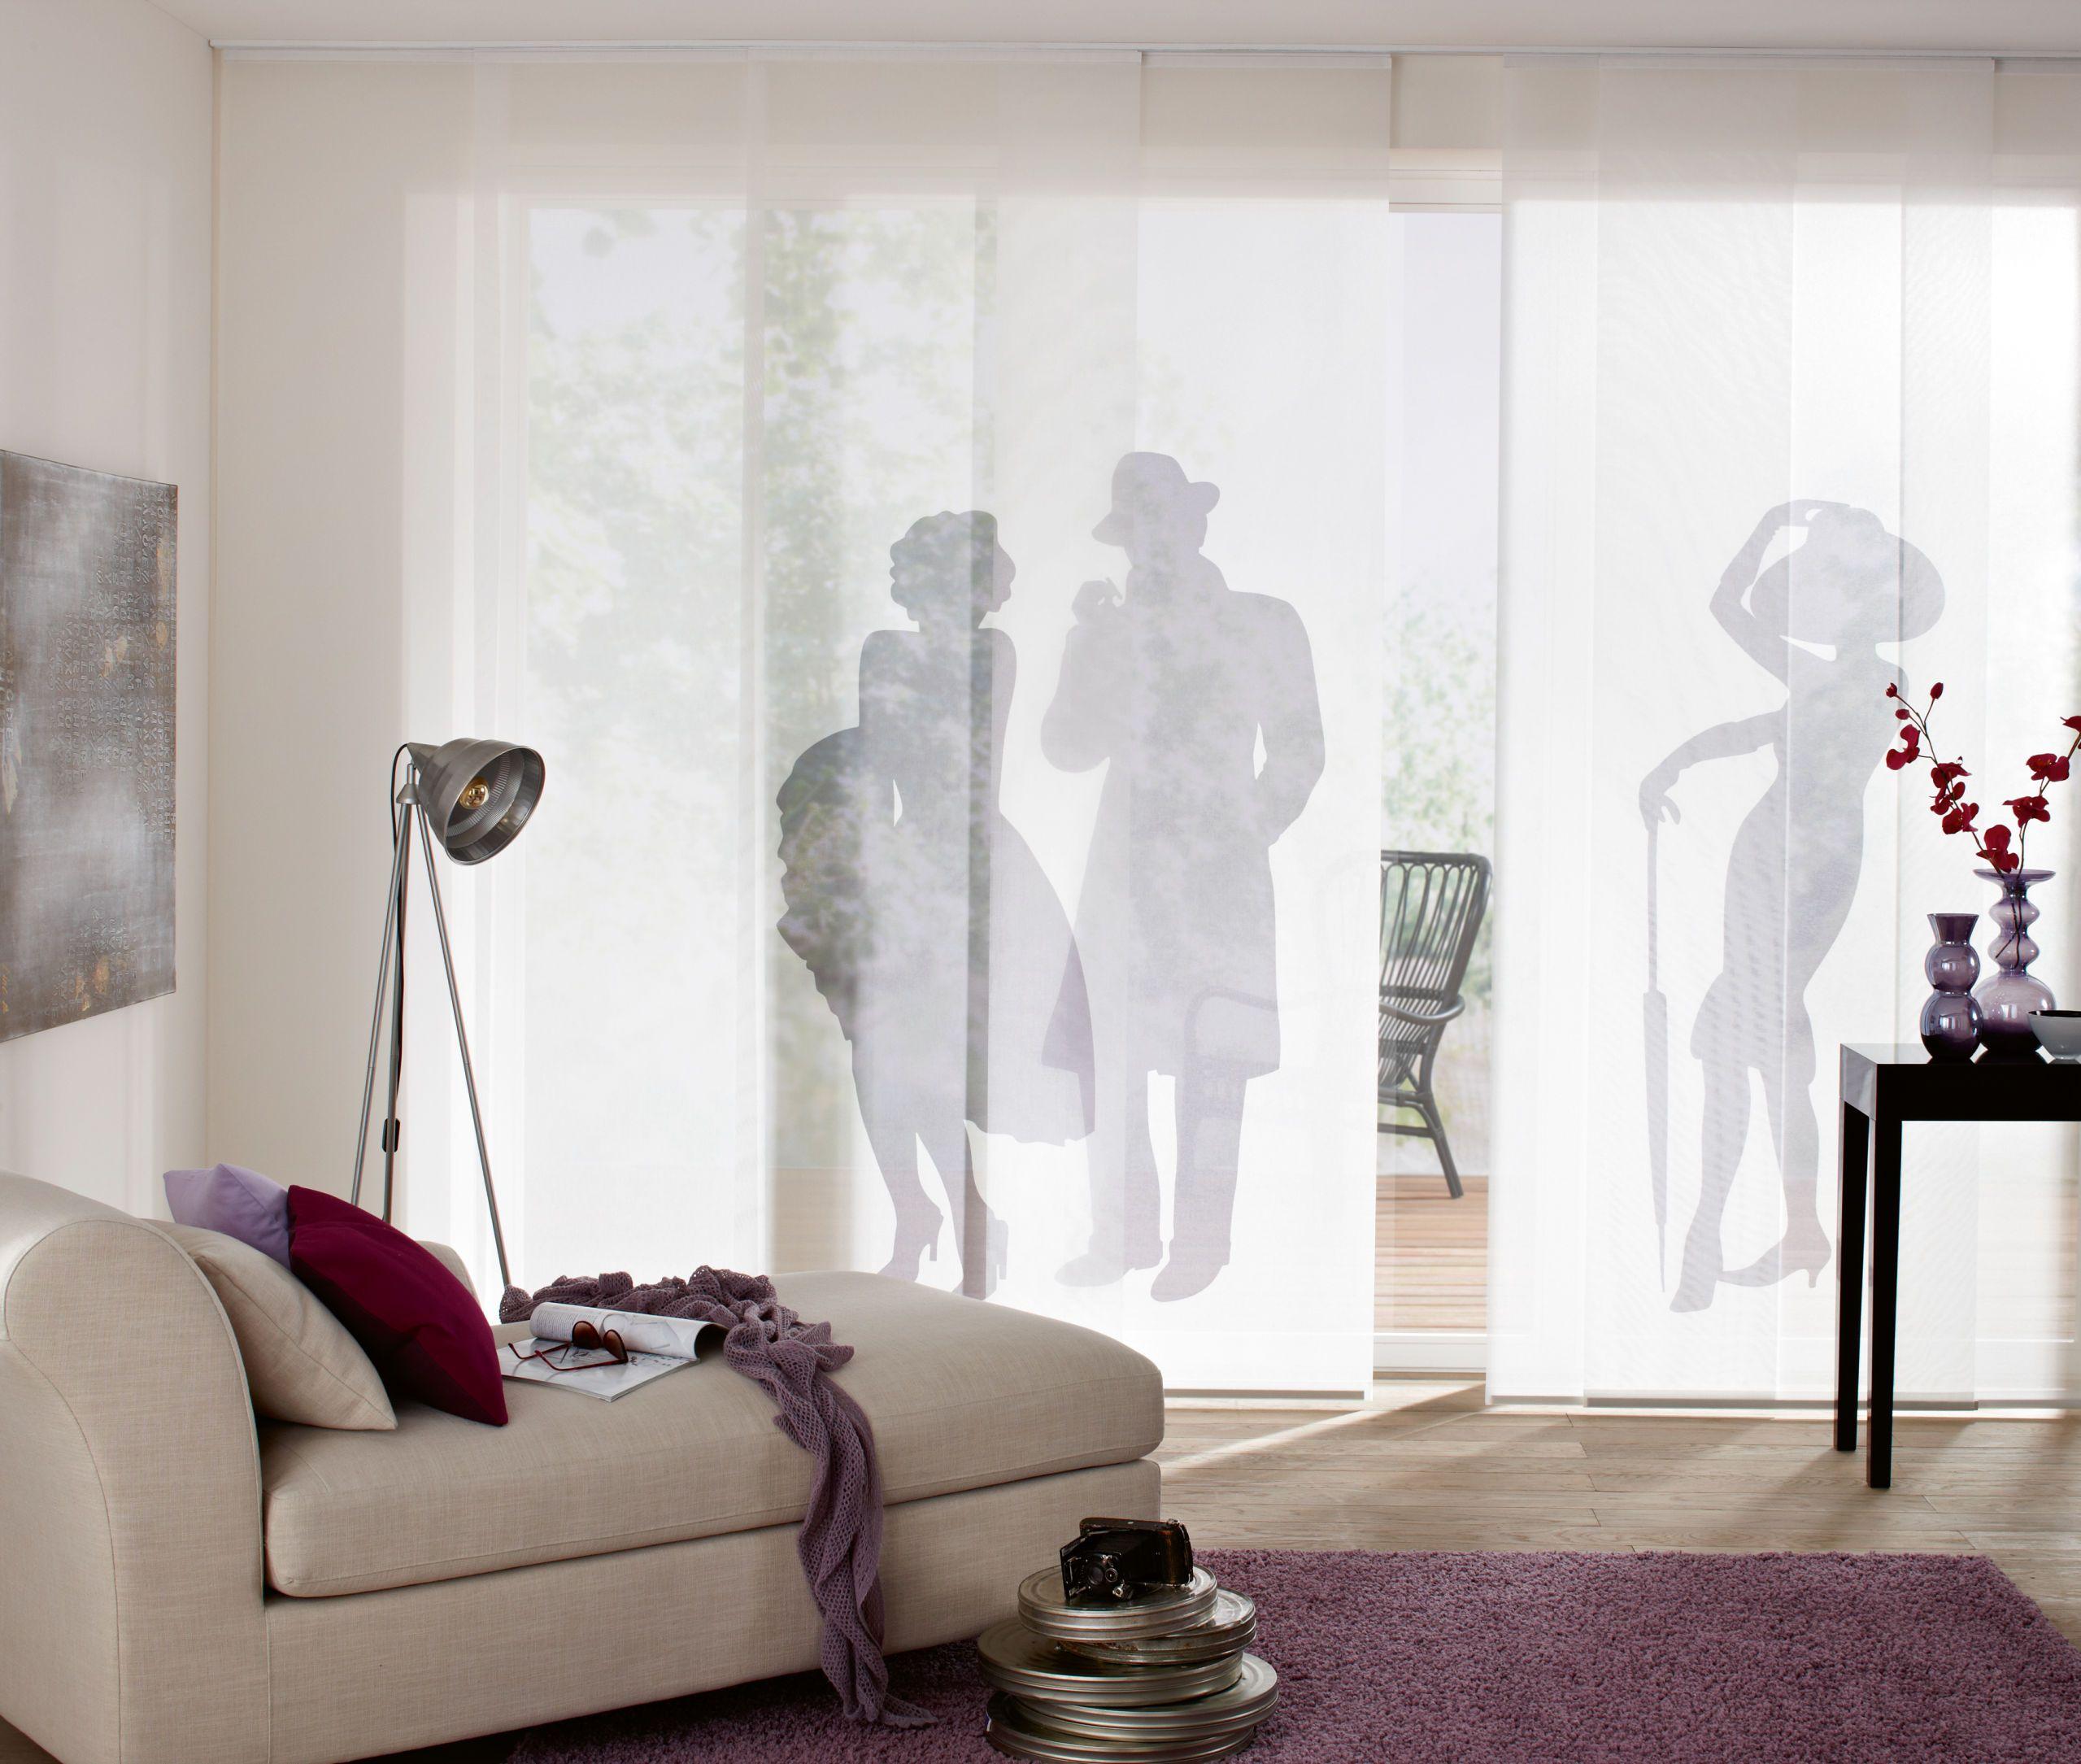 Einfache Dekoration Und Mobel Flaechenvorhaenge Deko Fuer Das Fenster #17: Schiebegardine Mit Menschen-Druck